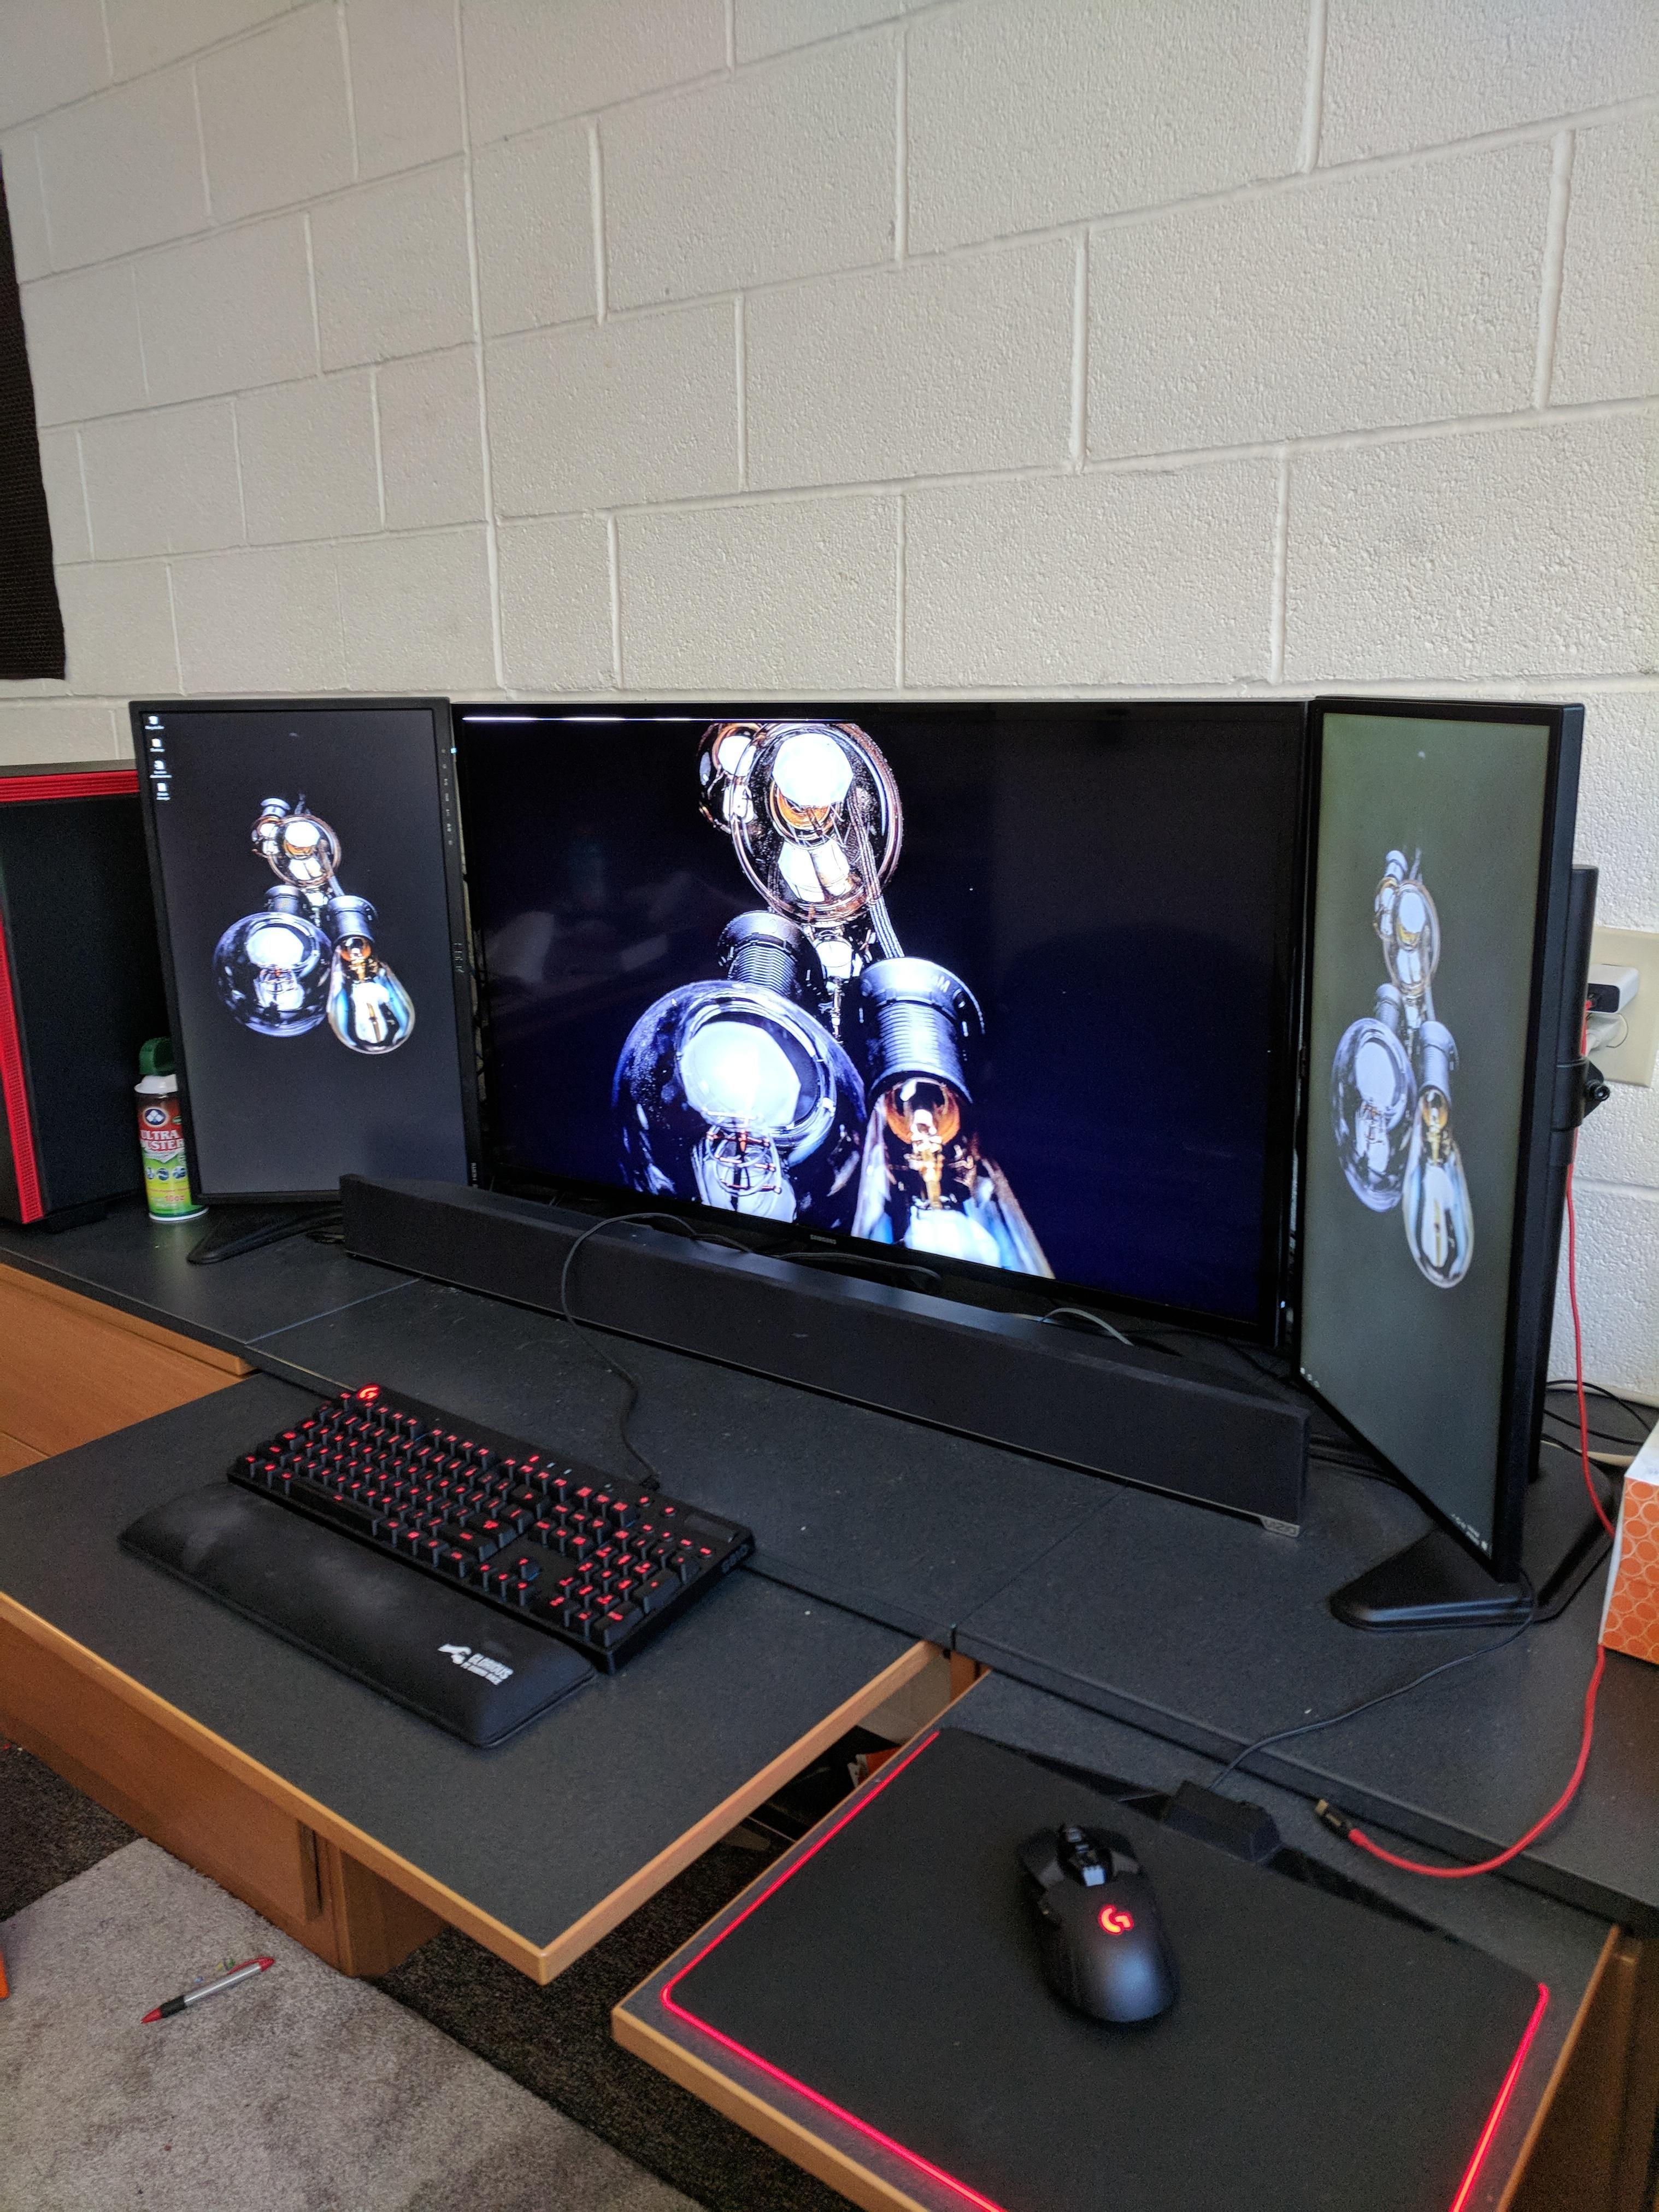 Https Ift Tt 2jlzjb9 Room Setup Dorm Room Setup Room Setup Computer Desk Setup